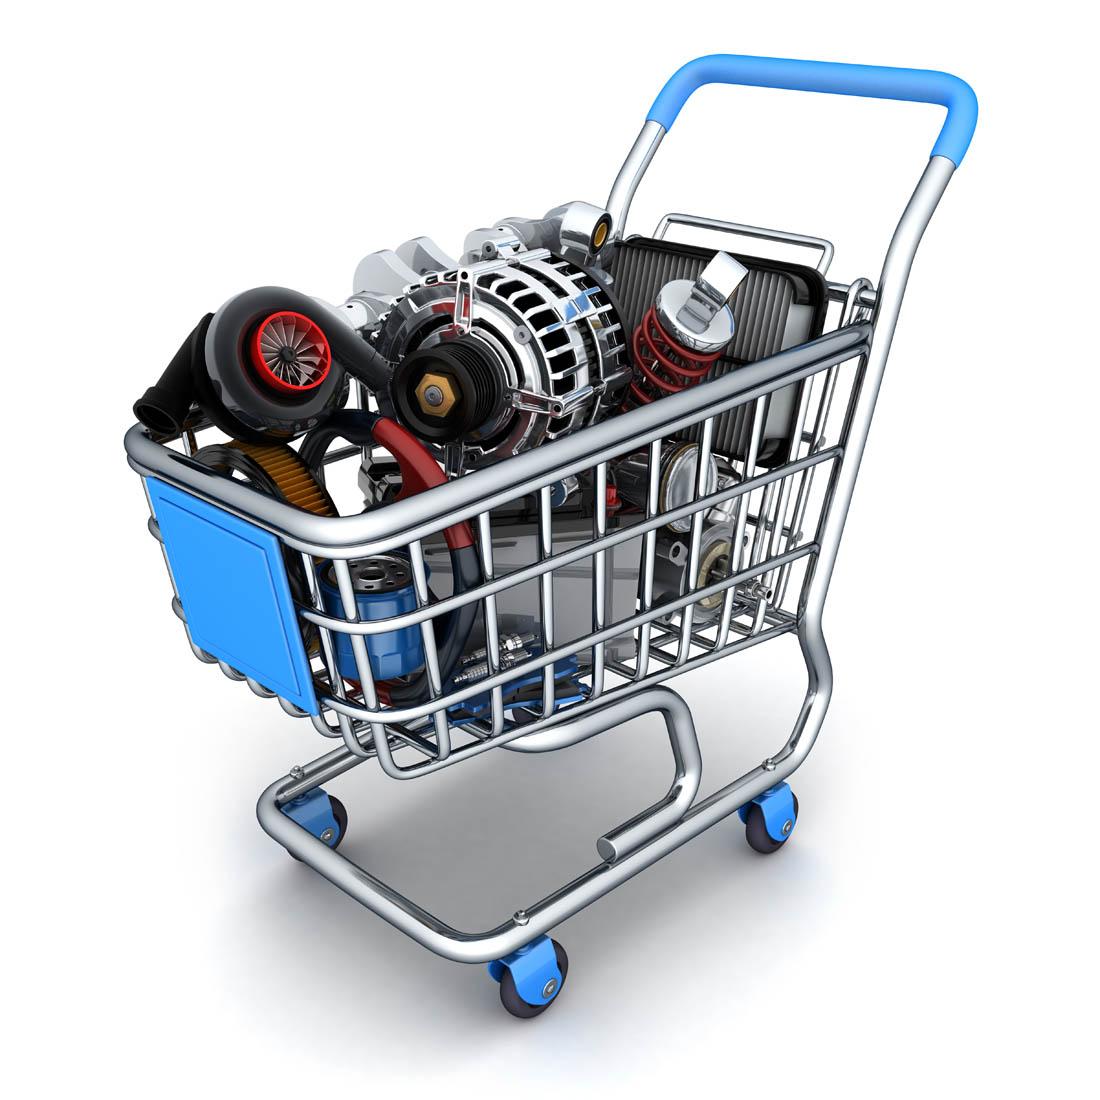 HappyWeb.ro | Dezvoltare web | Magazin de piese auto | Design web, dezvoltare web, marketing online